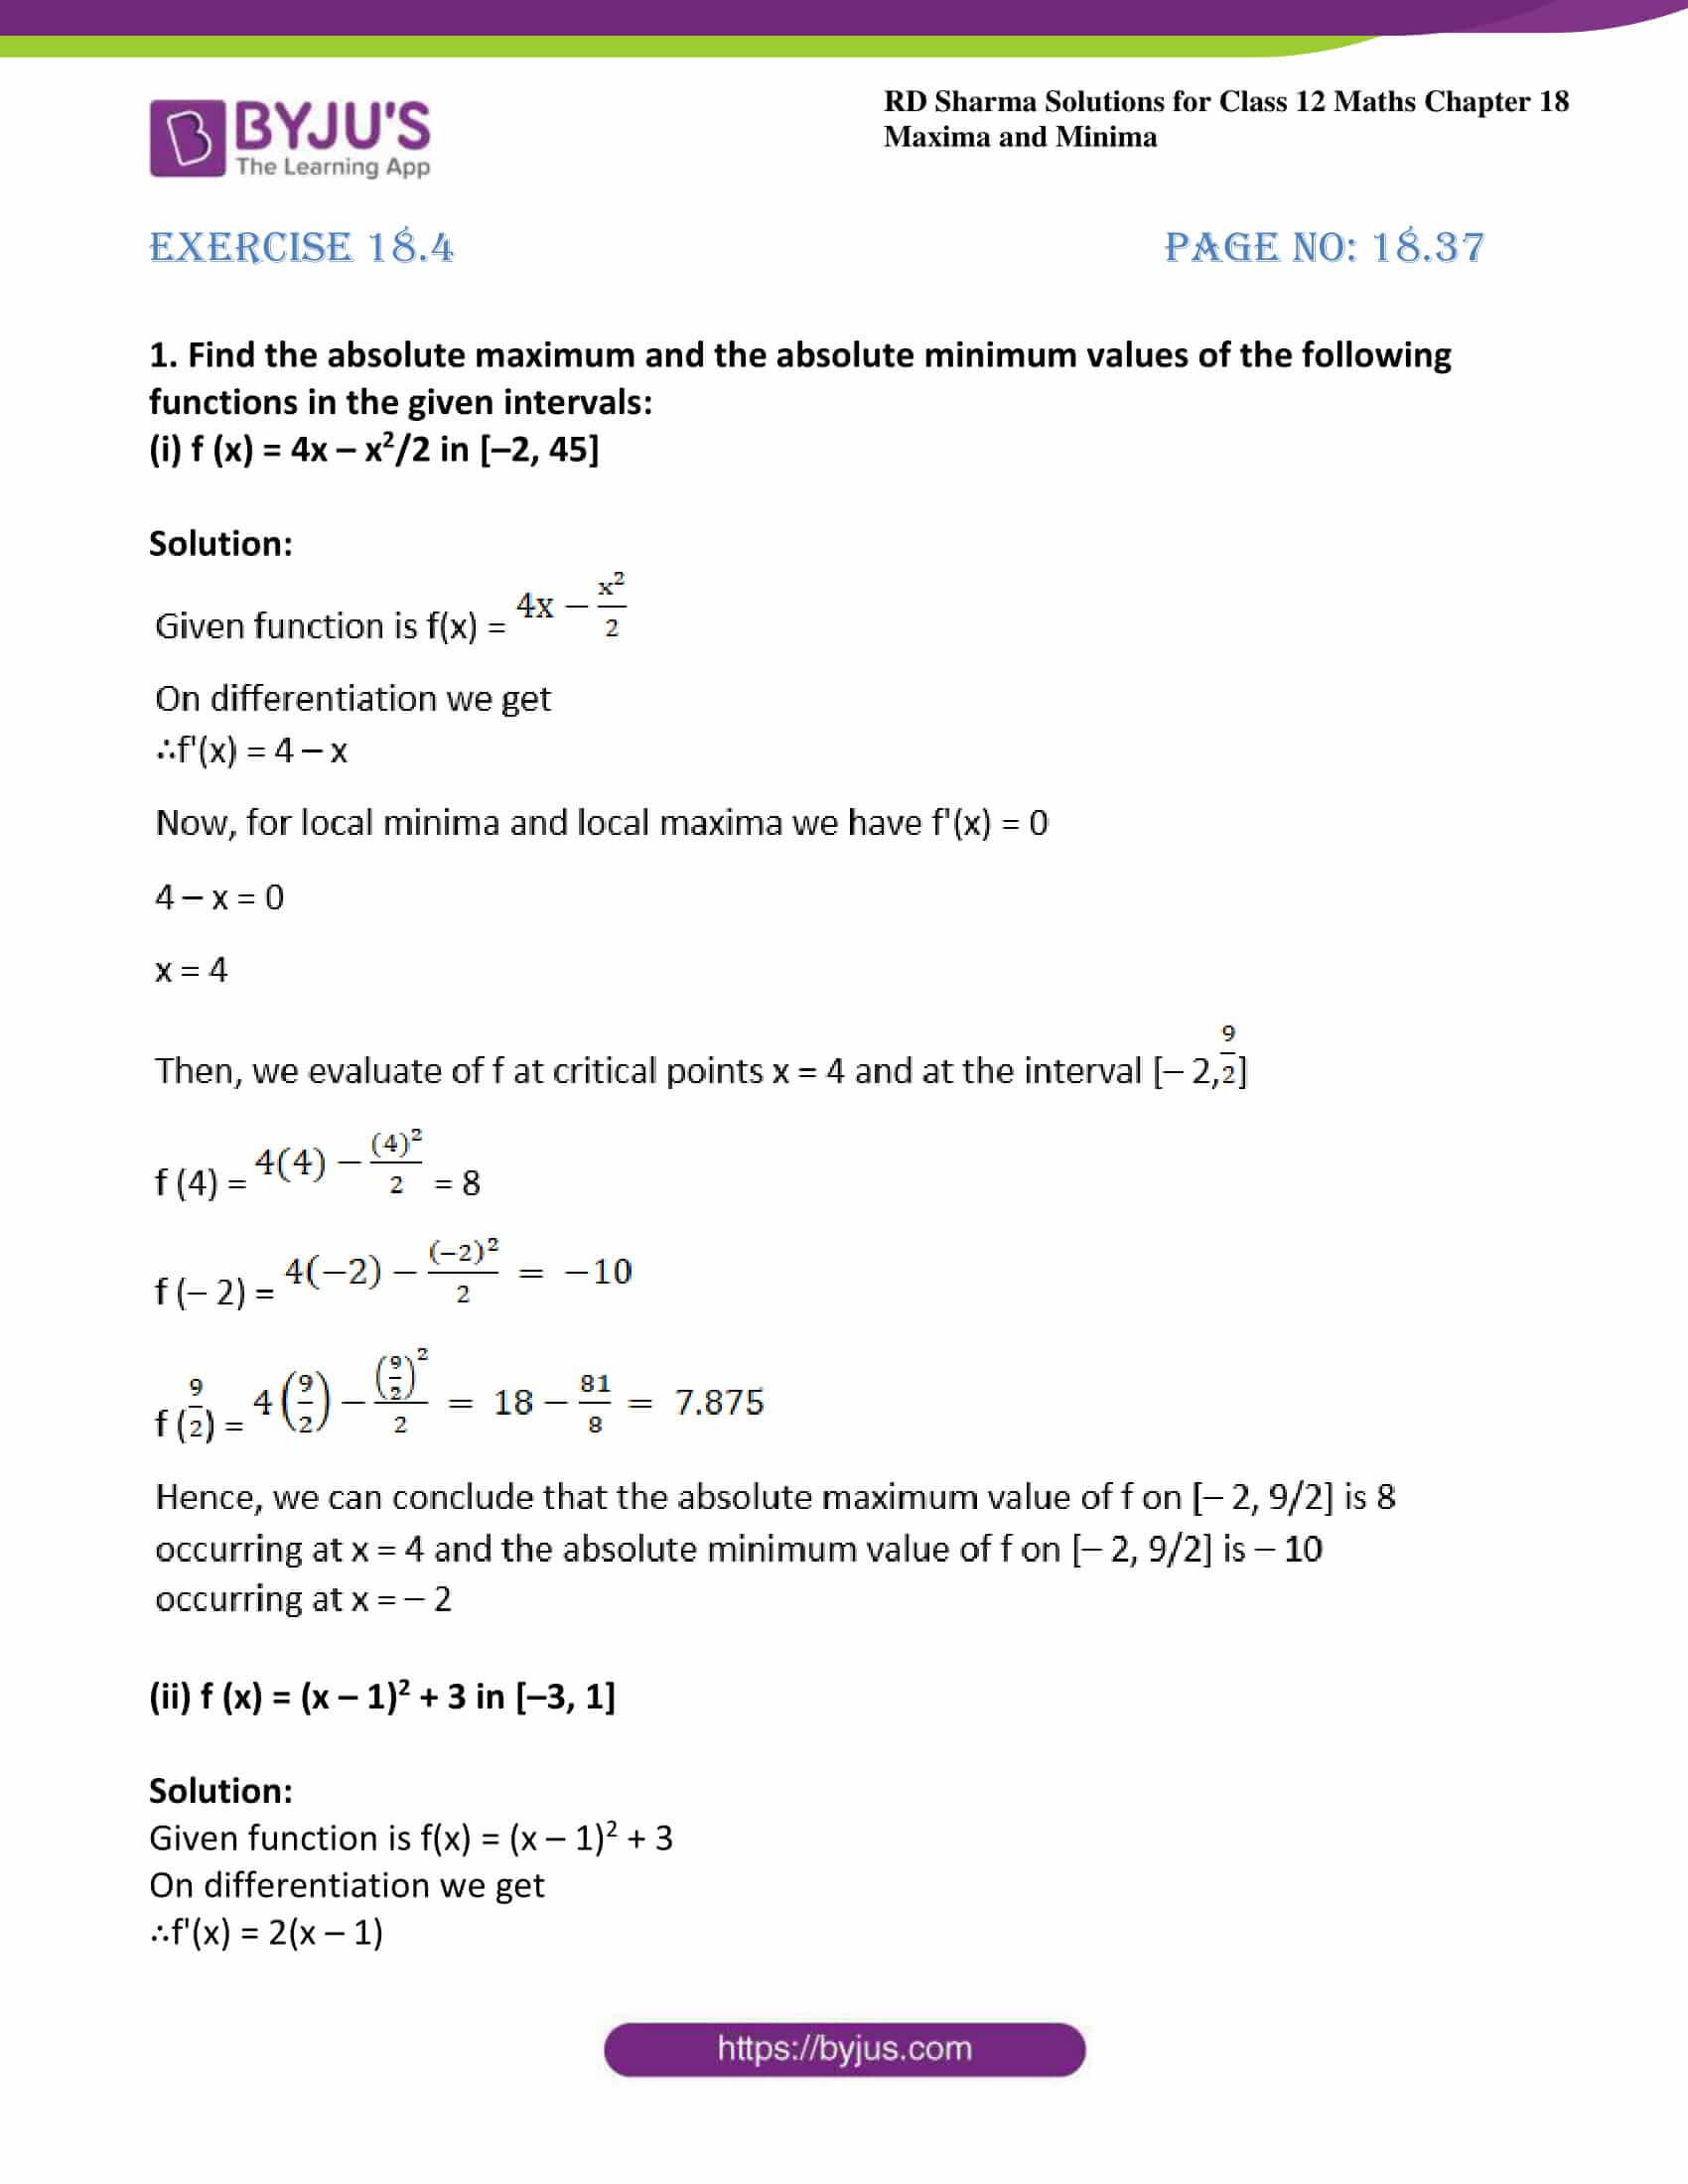 rd sharma class 12 maths sol chap 18 ex 4 1